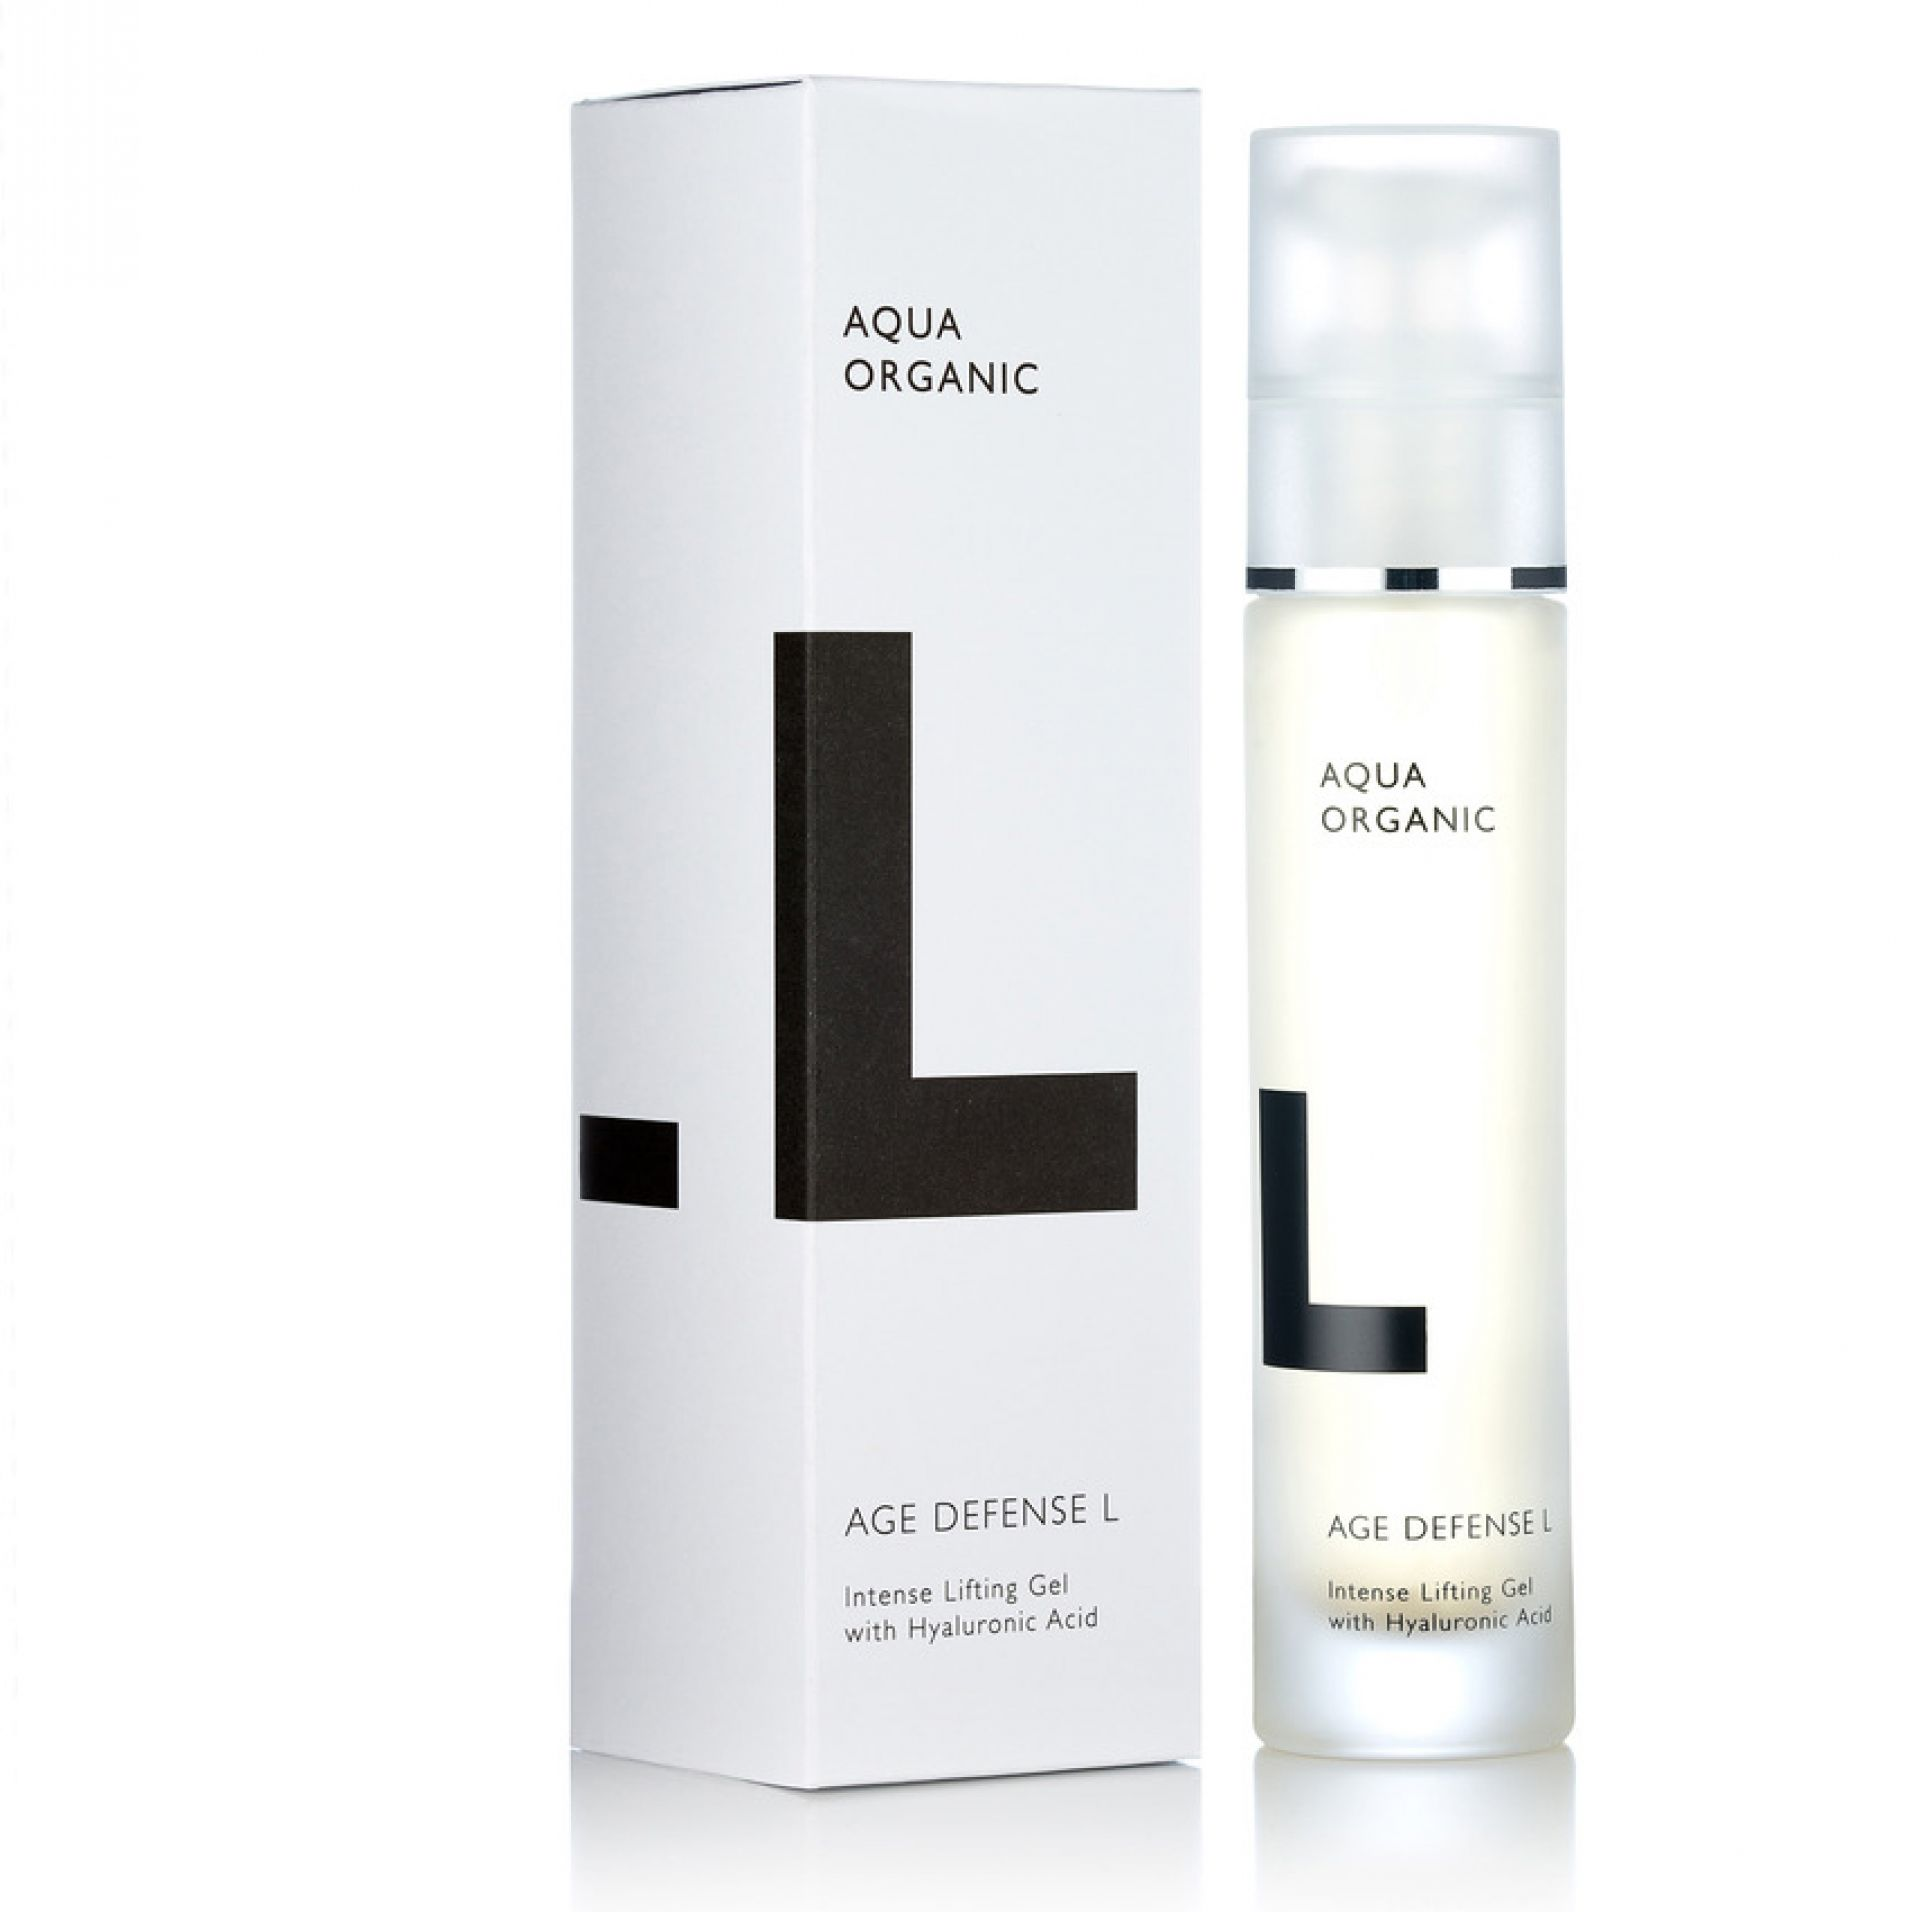 Aqua Organic - L age defense /  Durstlöscher für die Haut.